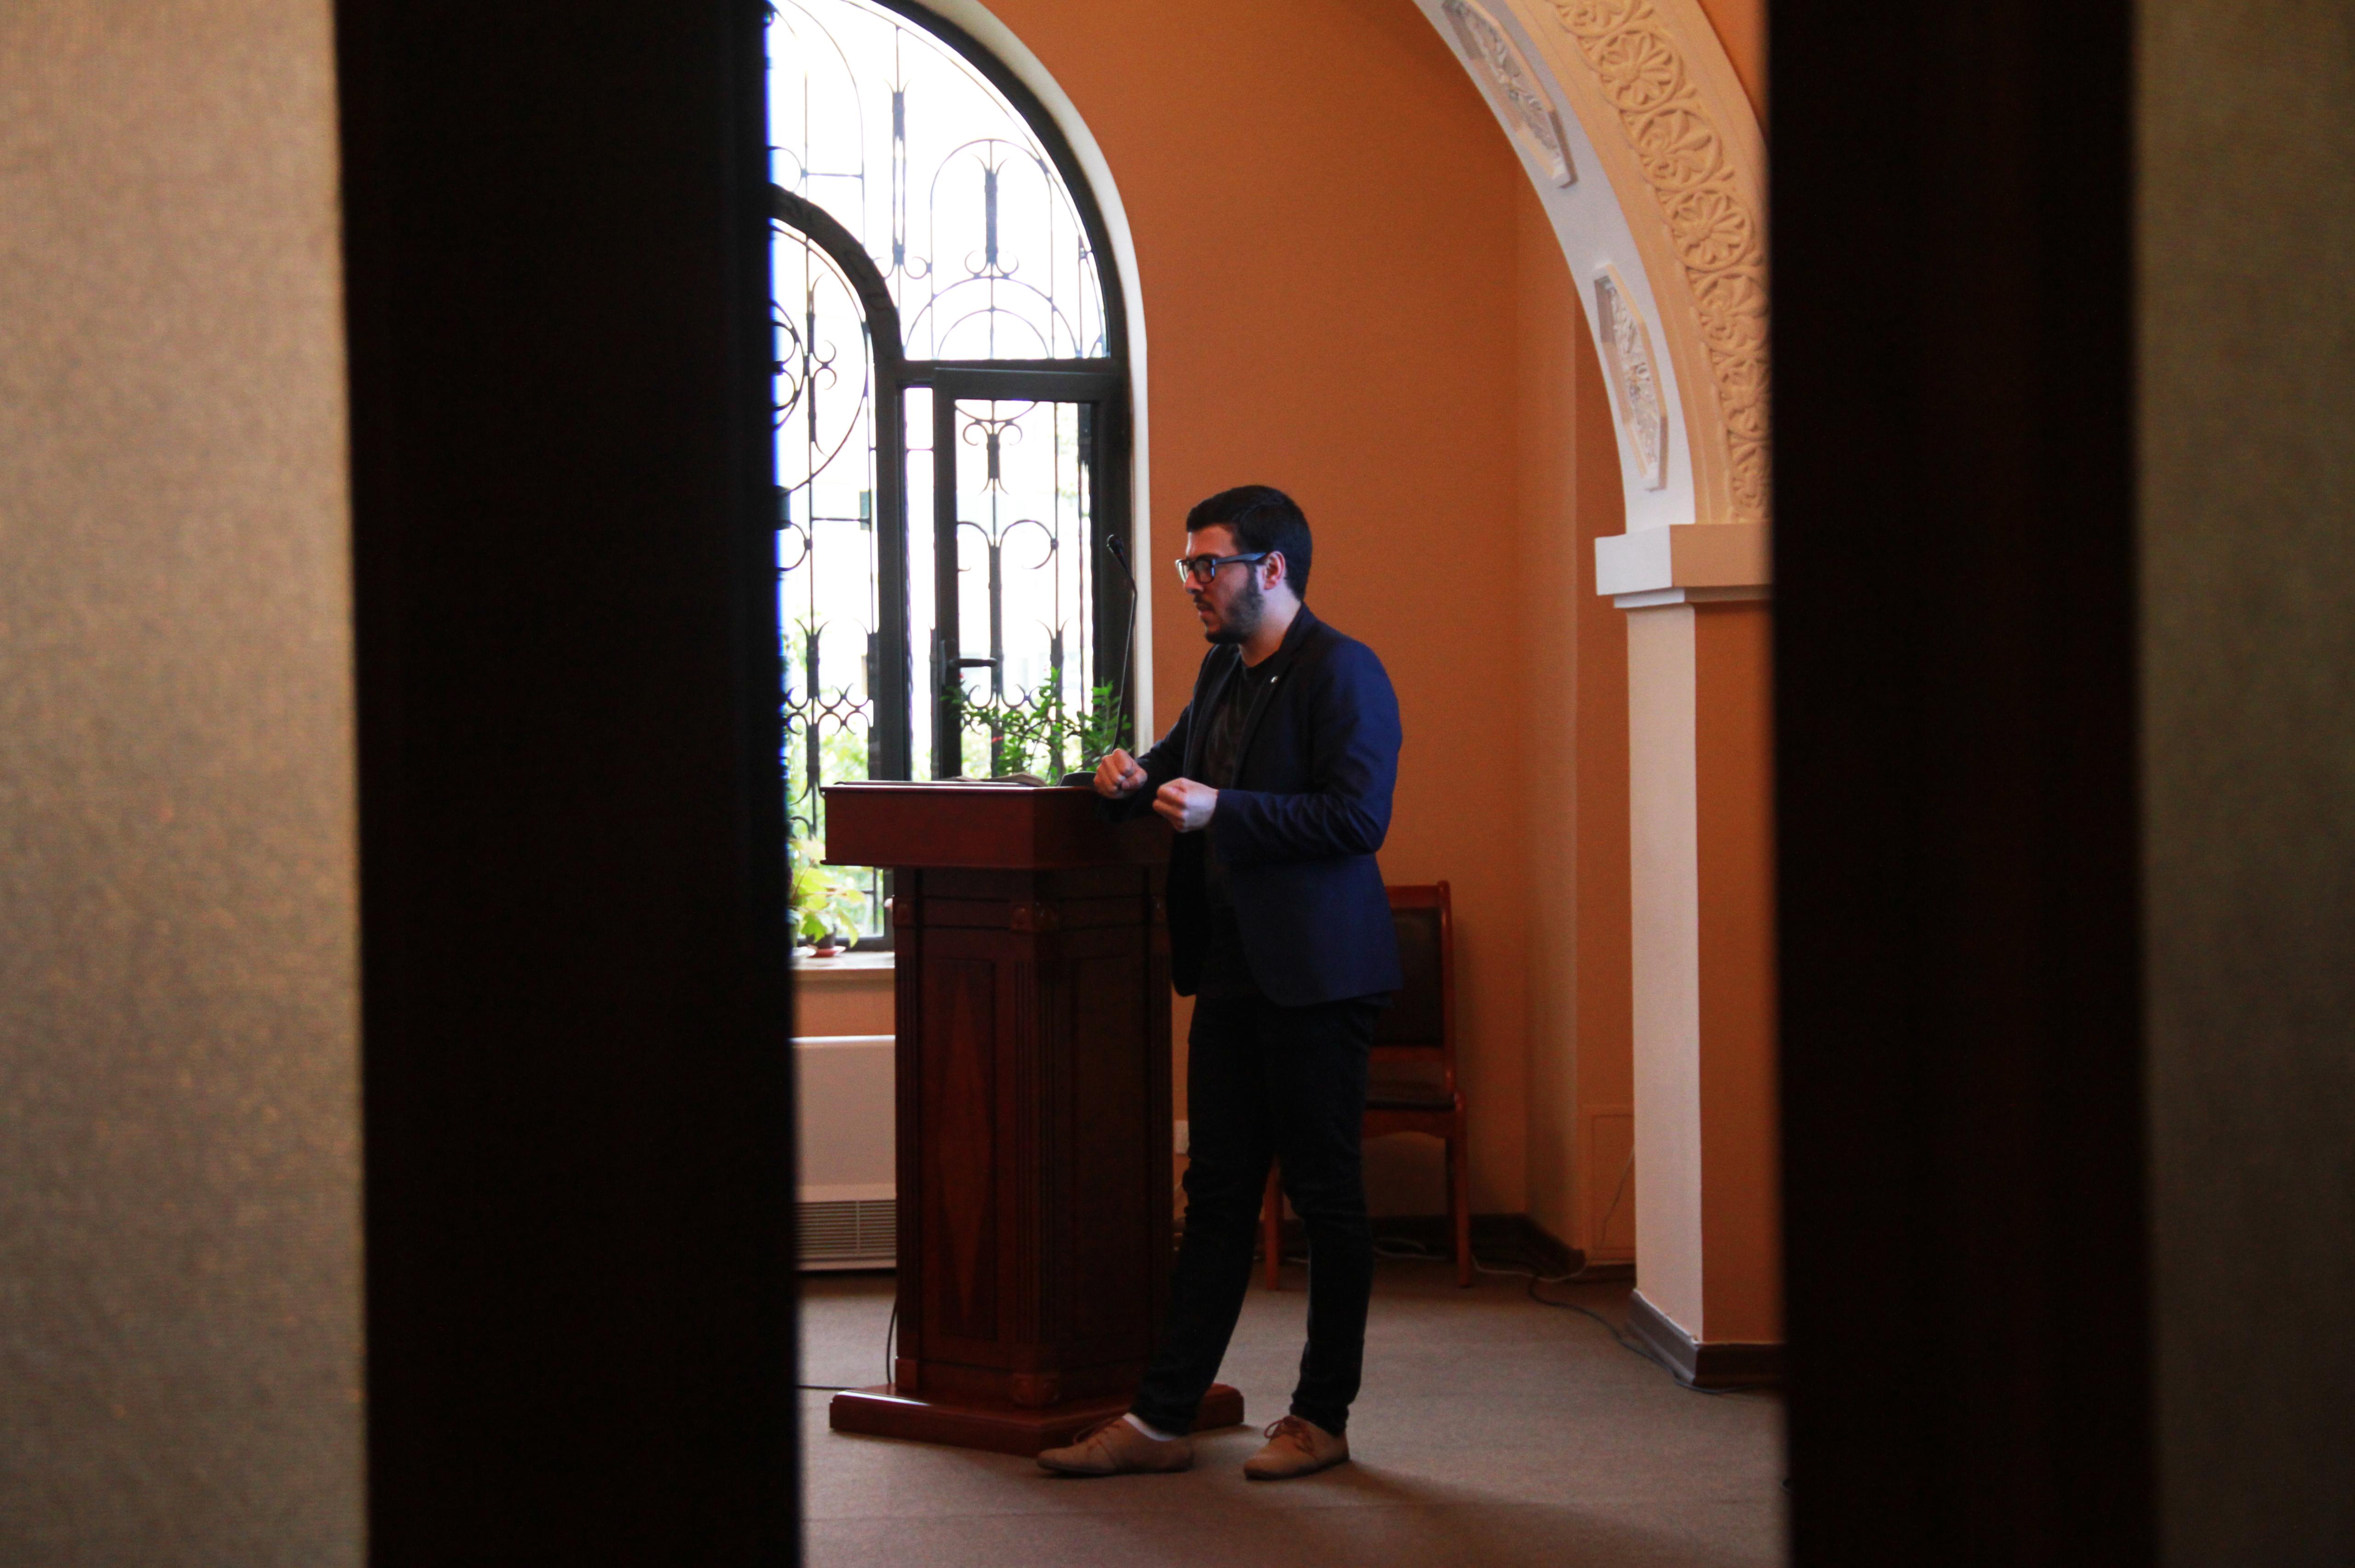 Արտյոմ Գալուստյանը՝ Թվապատում 2016 կոնֆերանսին